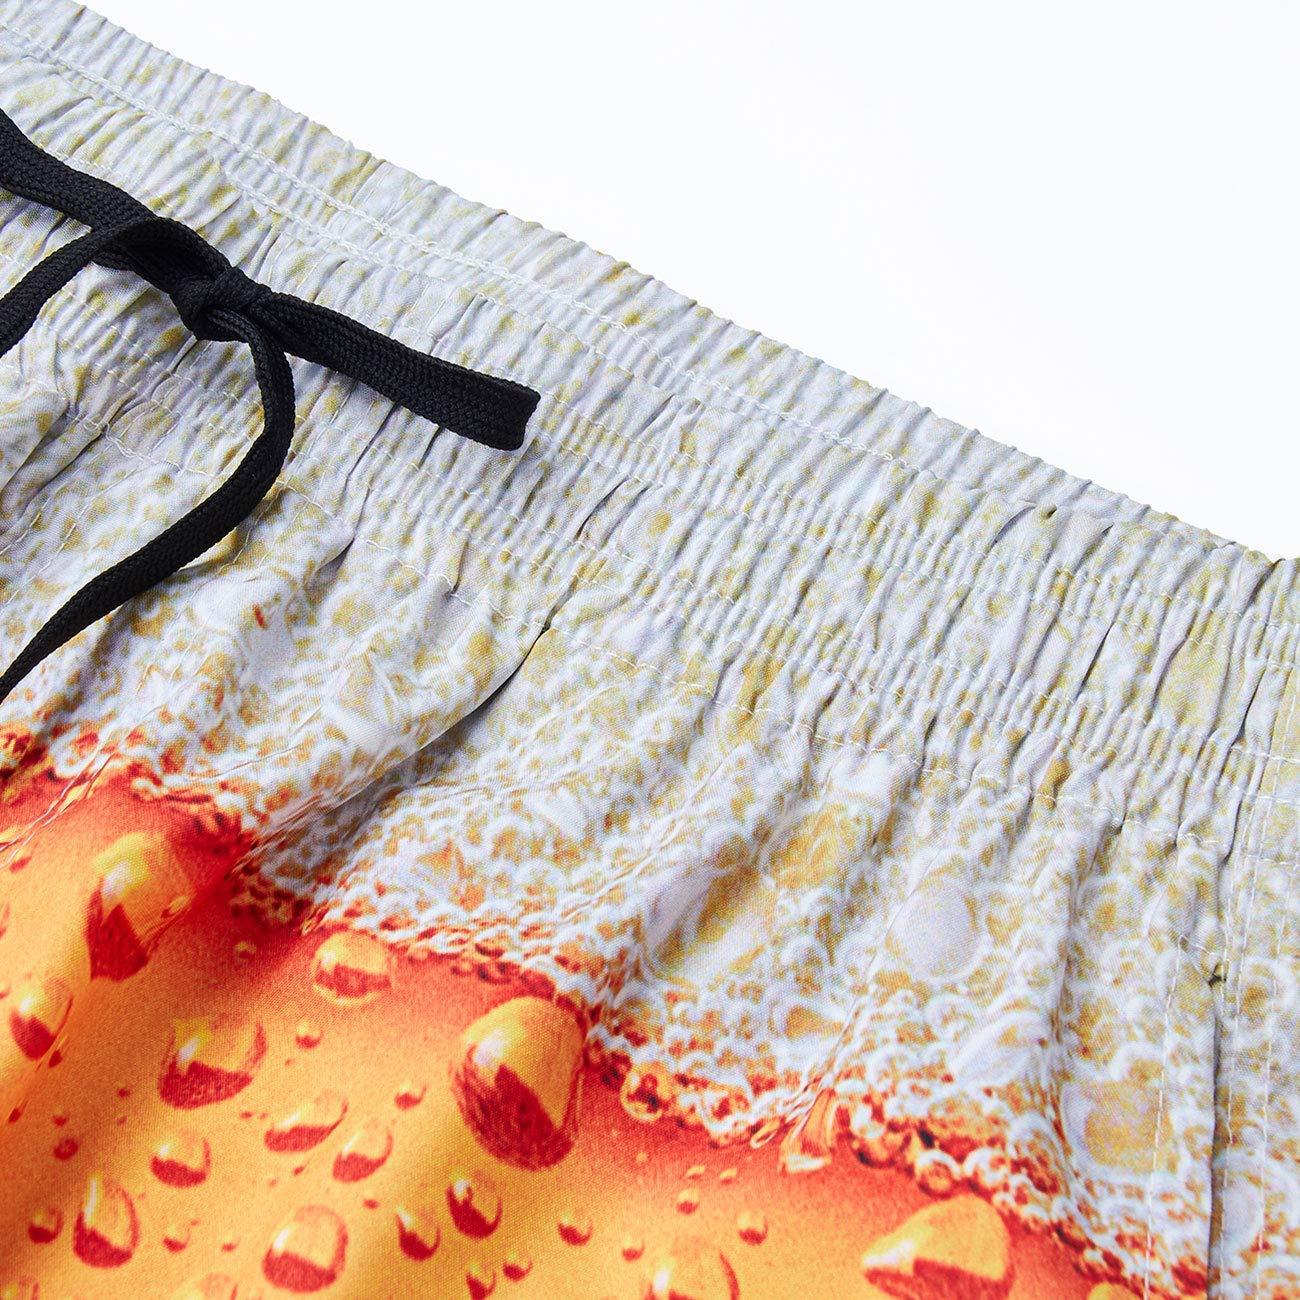 RAISEVERN Hombres Beach Cortocircuitos del Verano Trabajo Deportes Frescos Impreso Pantalones Cortos Pantalones Pantalones para Beer Festival